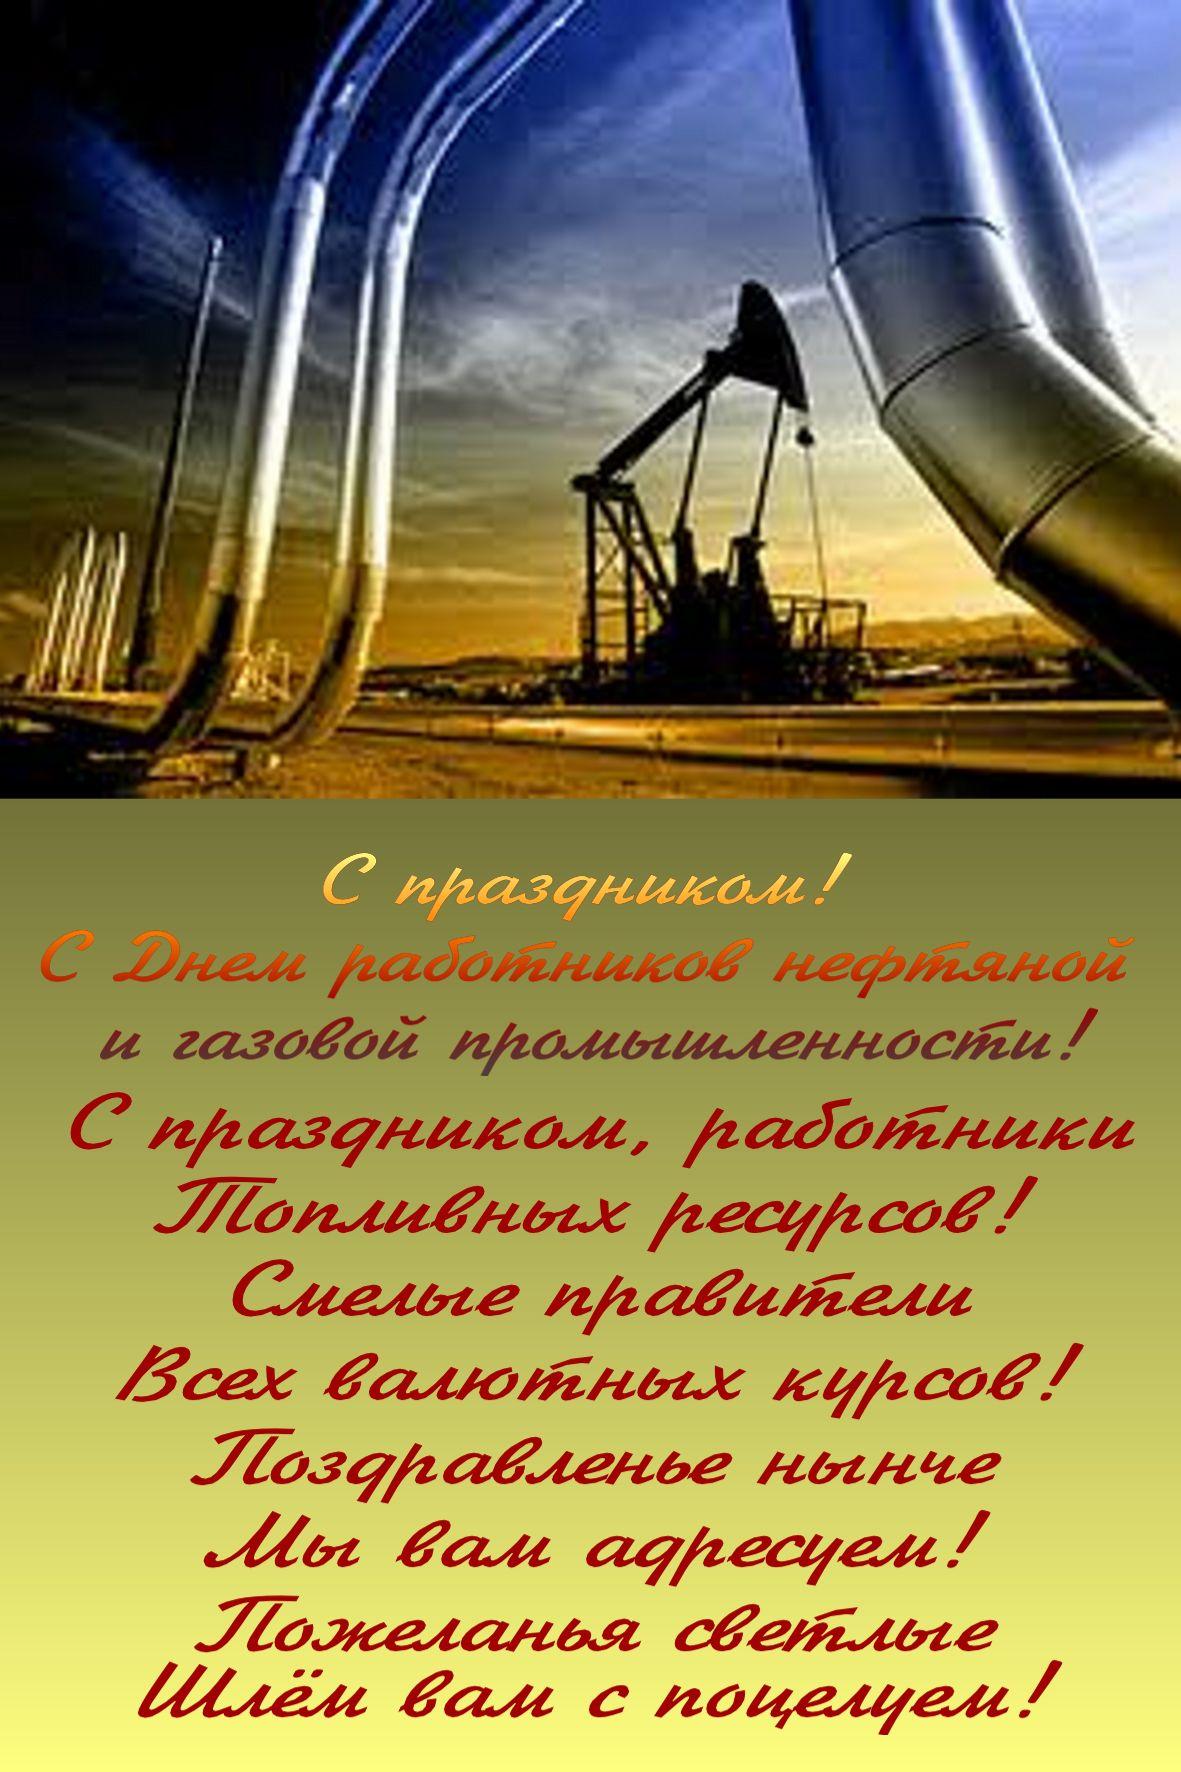 Днем рождения, открытки с днем нефти и газа